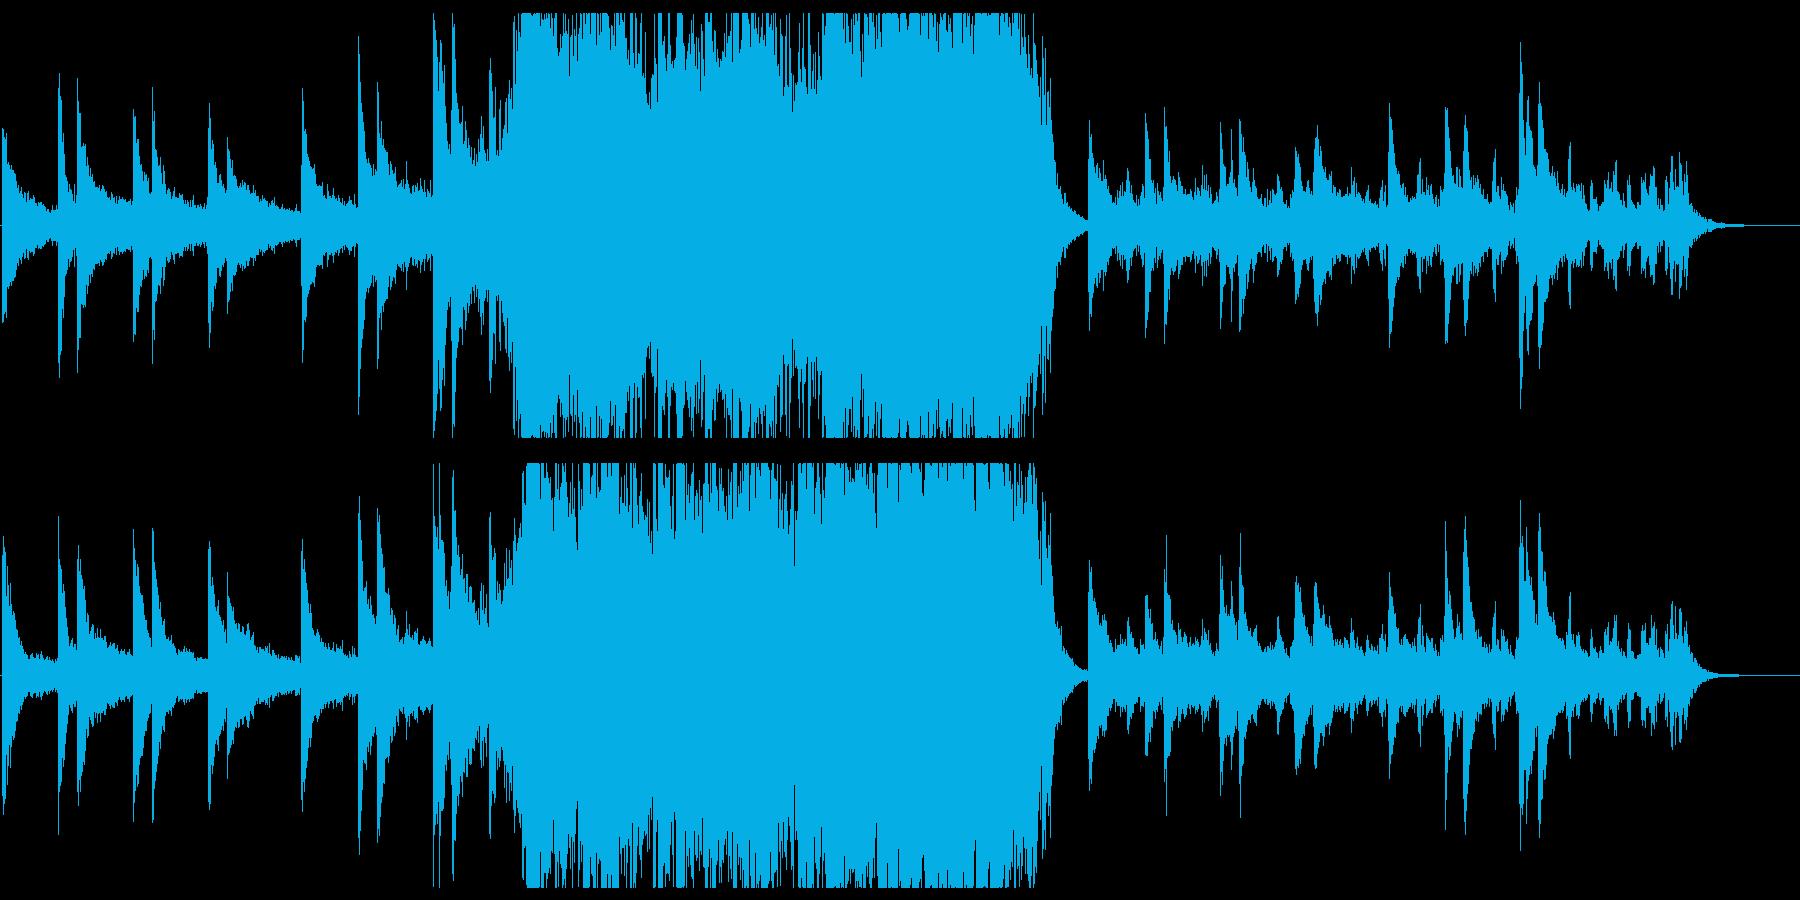 エンディング感のあるポップオーケストラの再生済みの波形